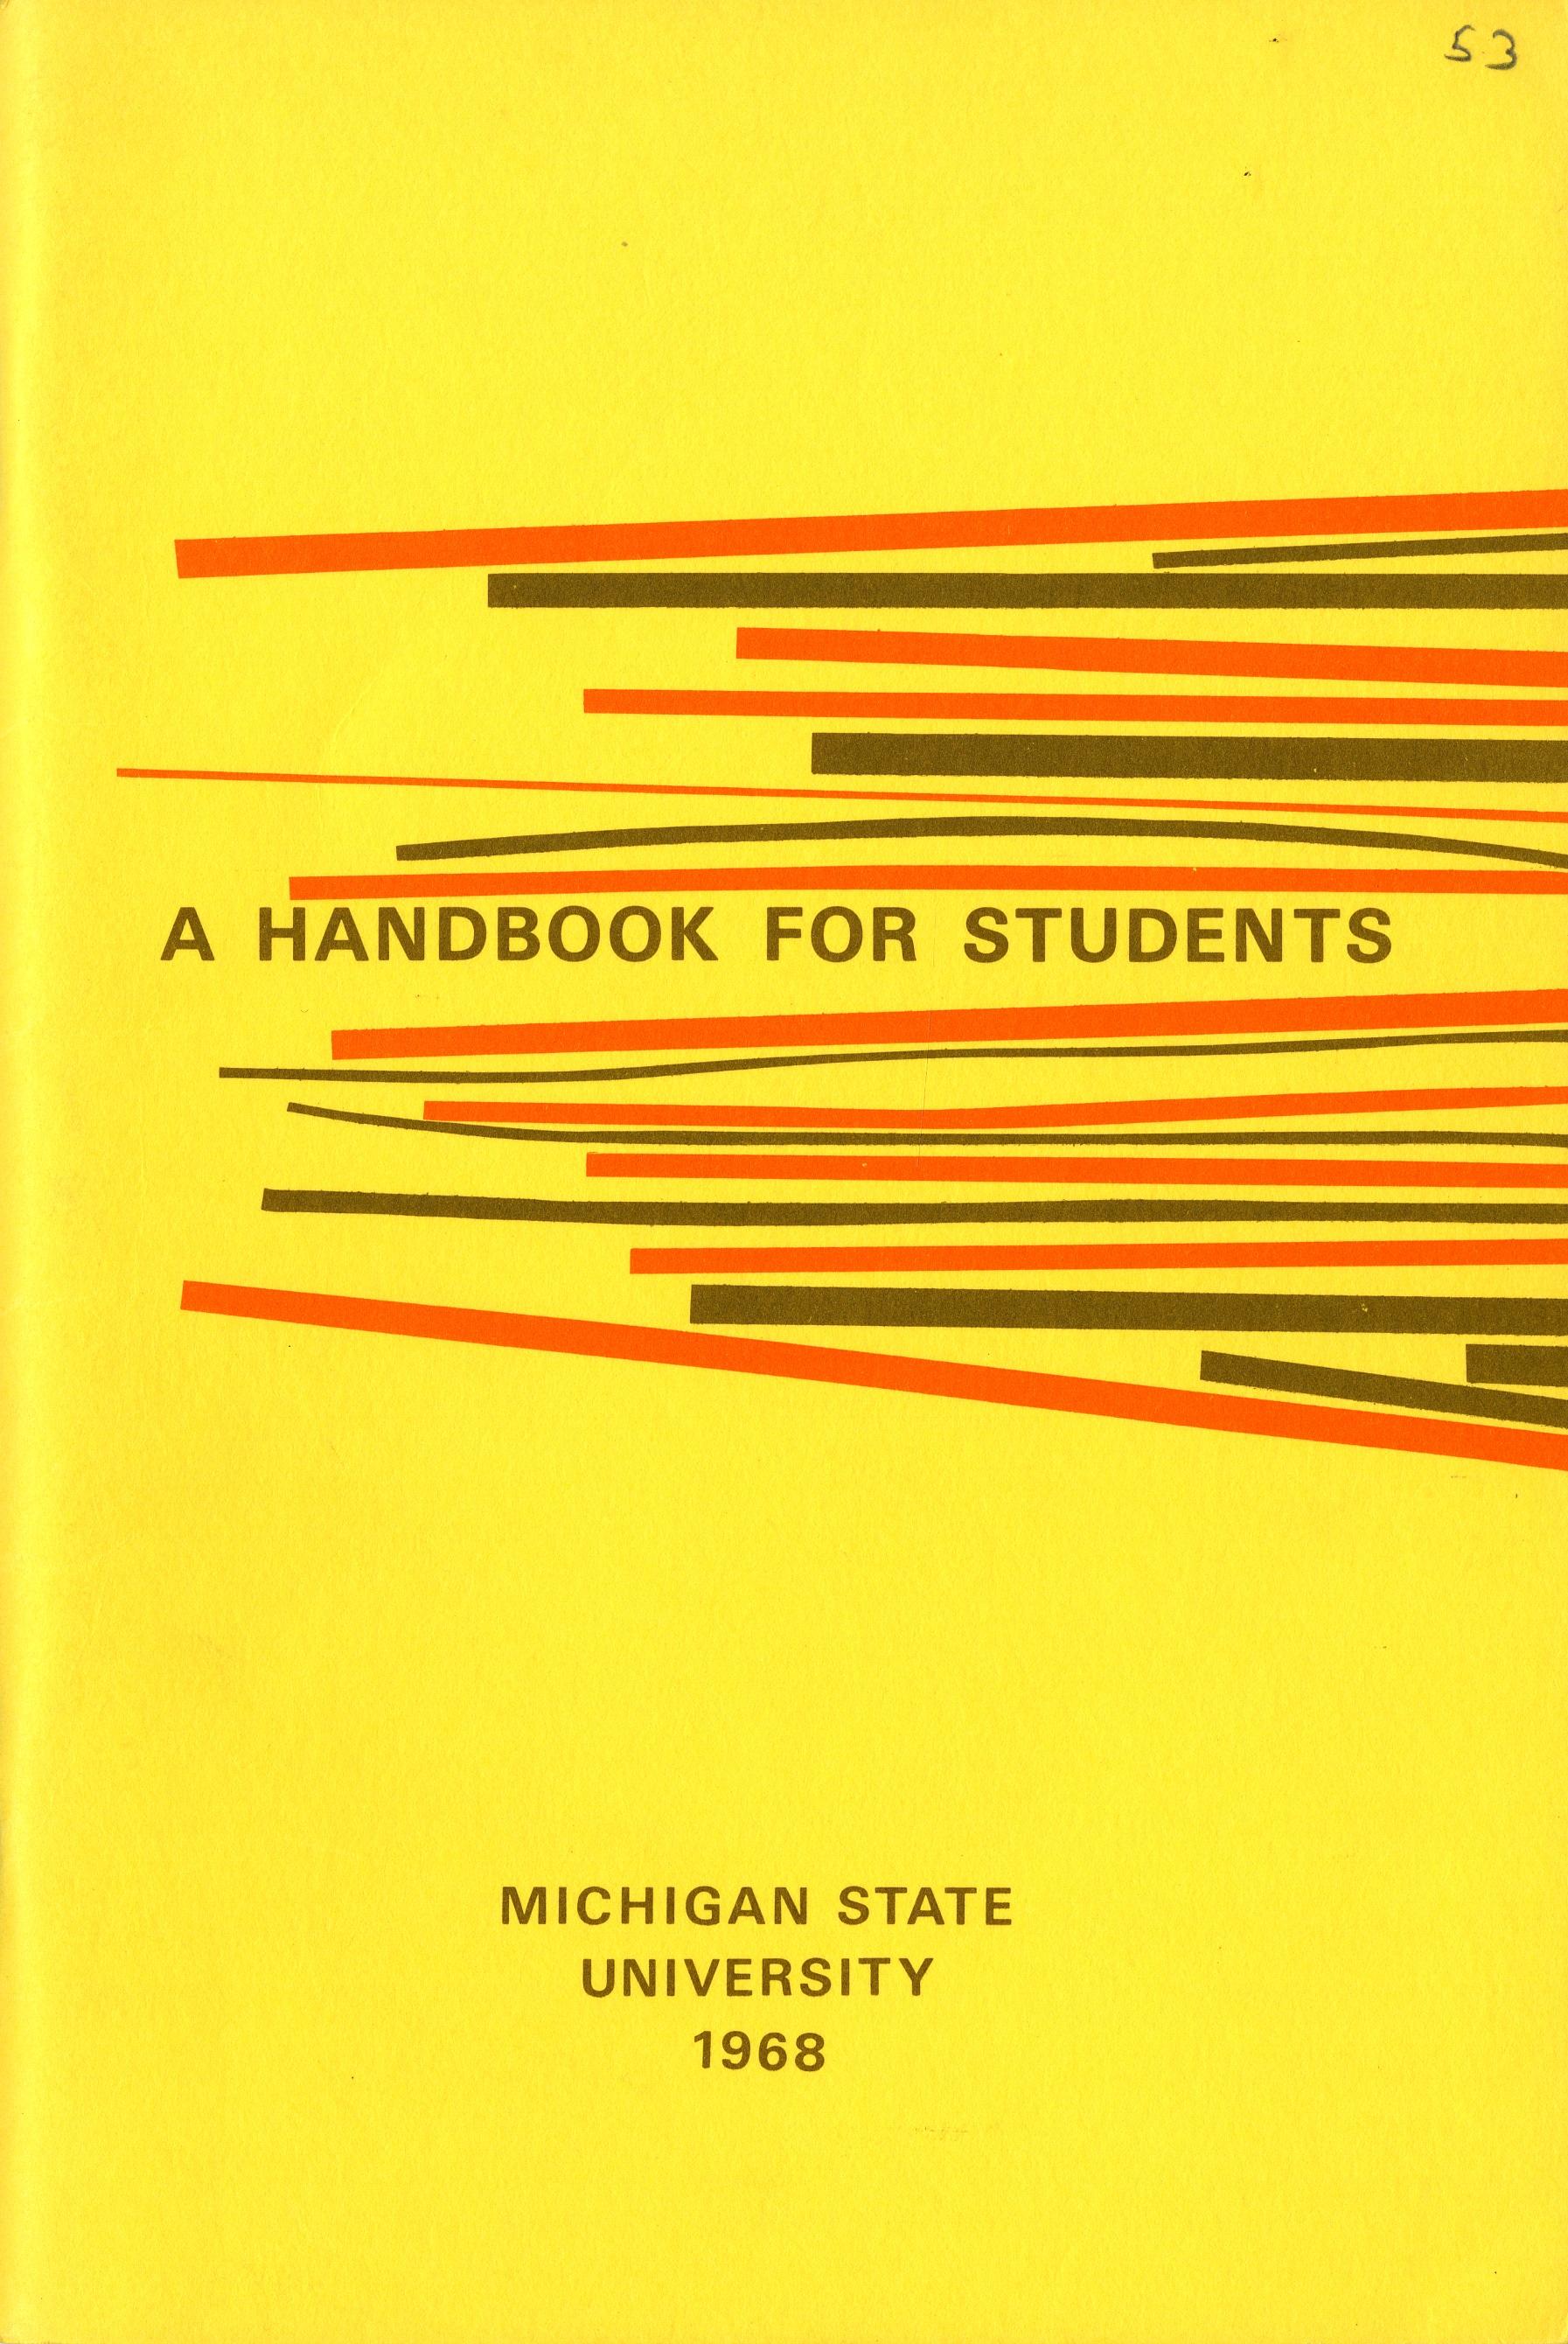 Student Handbook, 1968